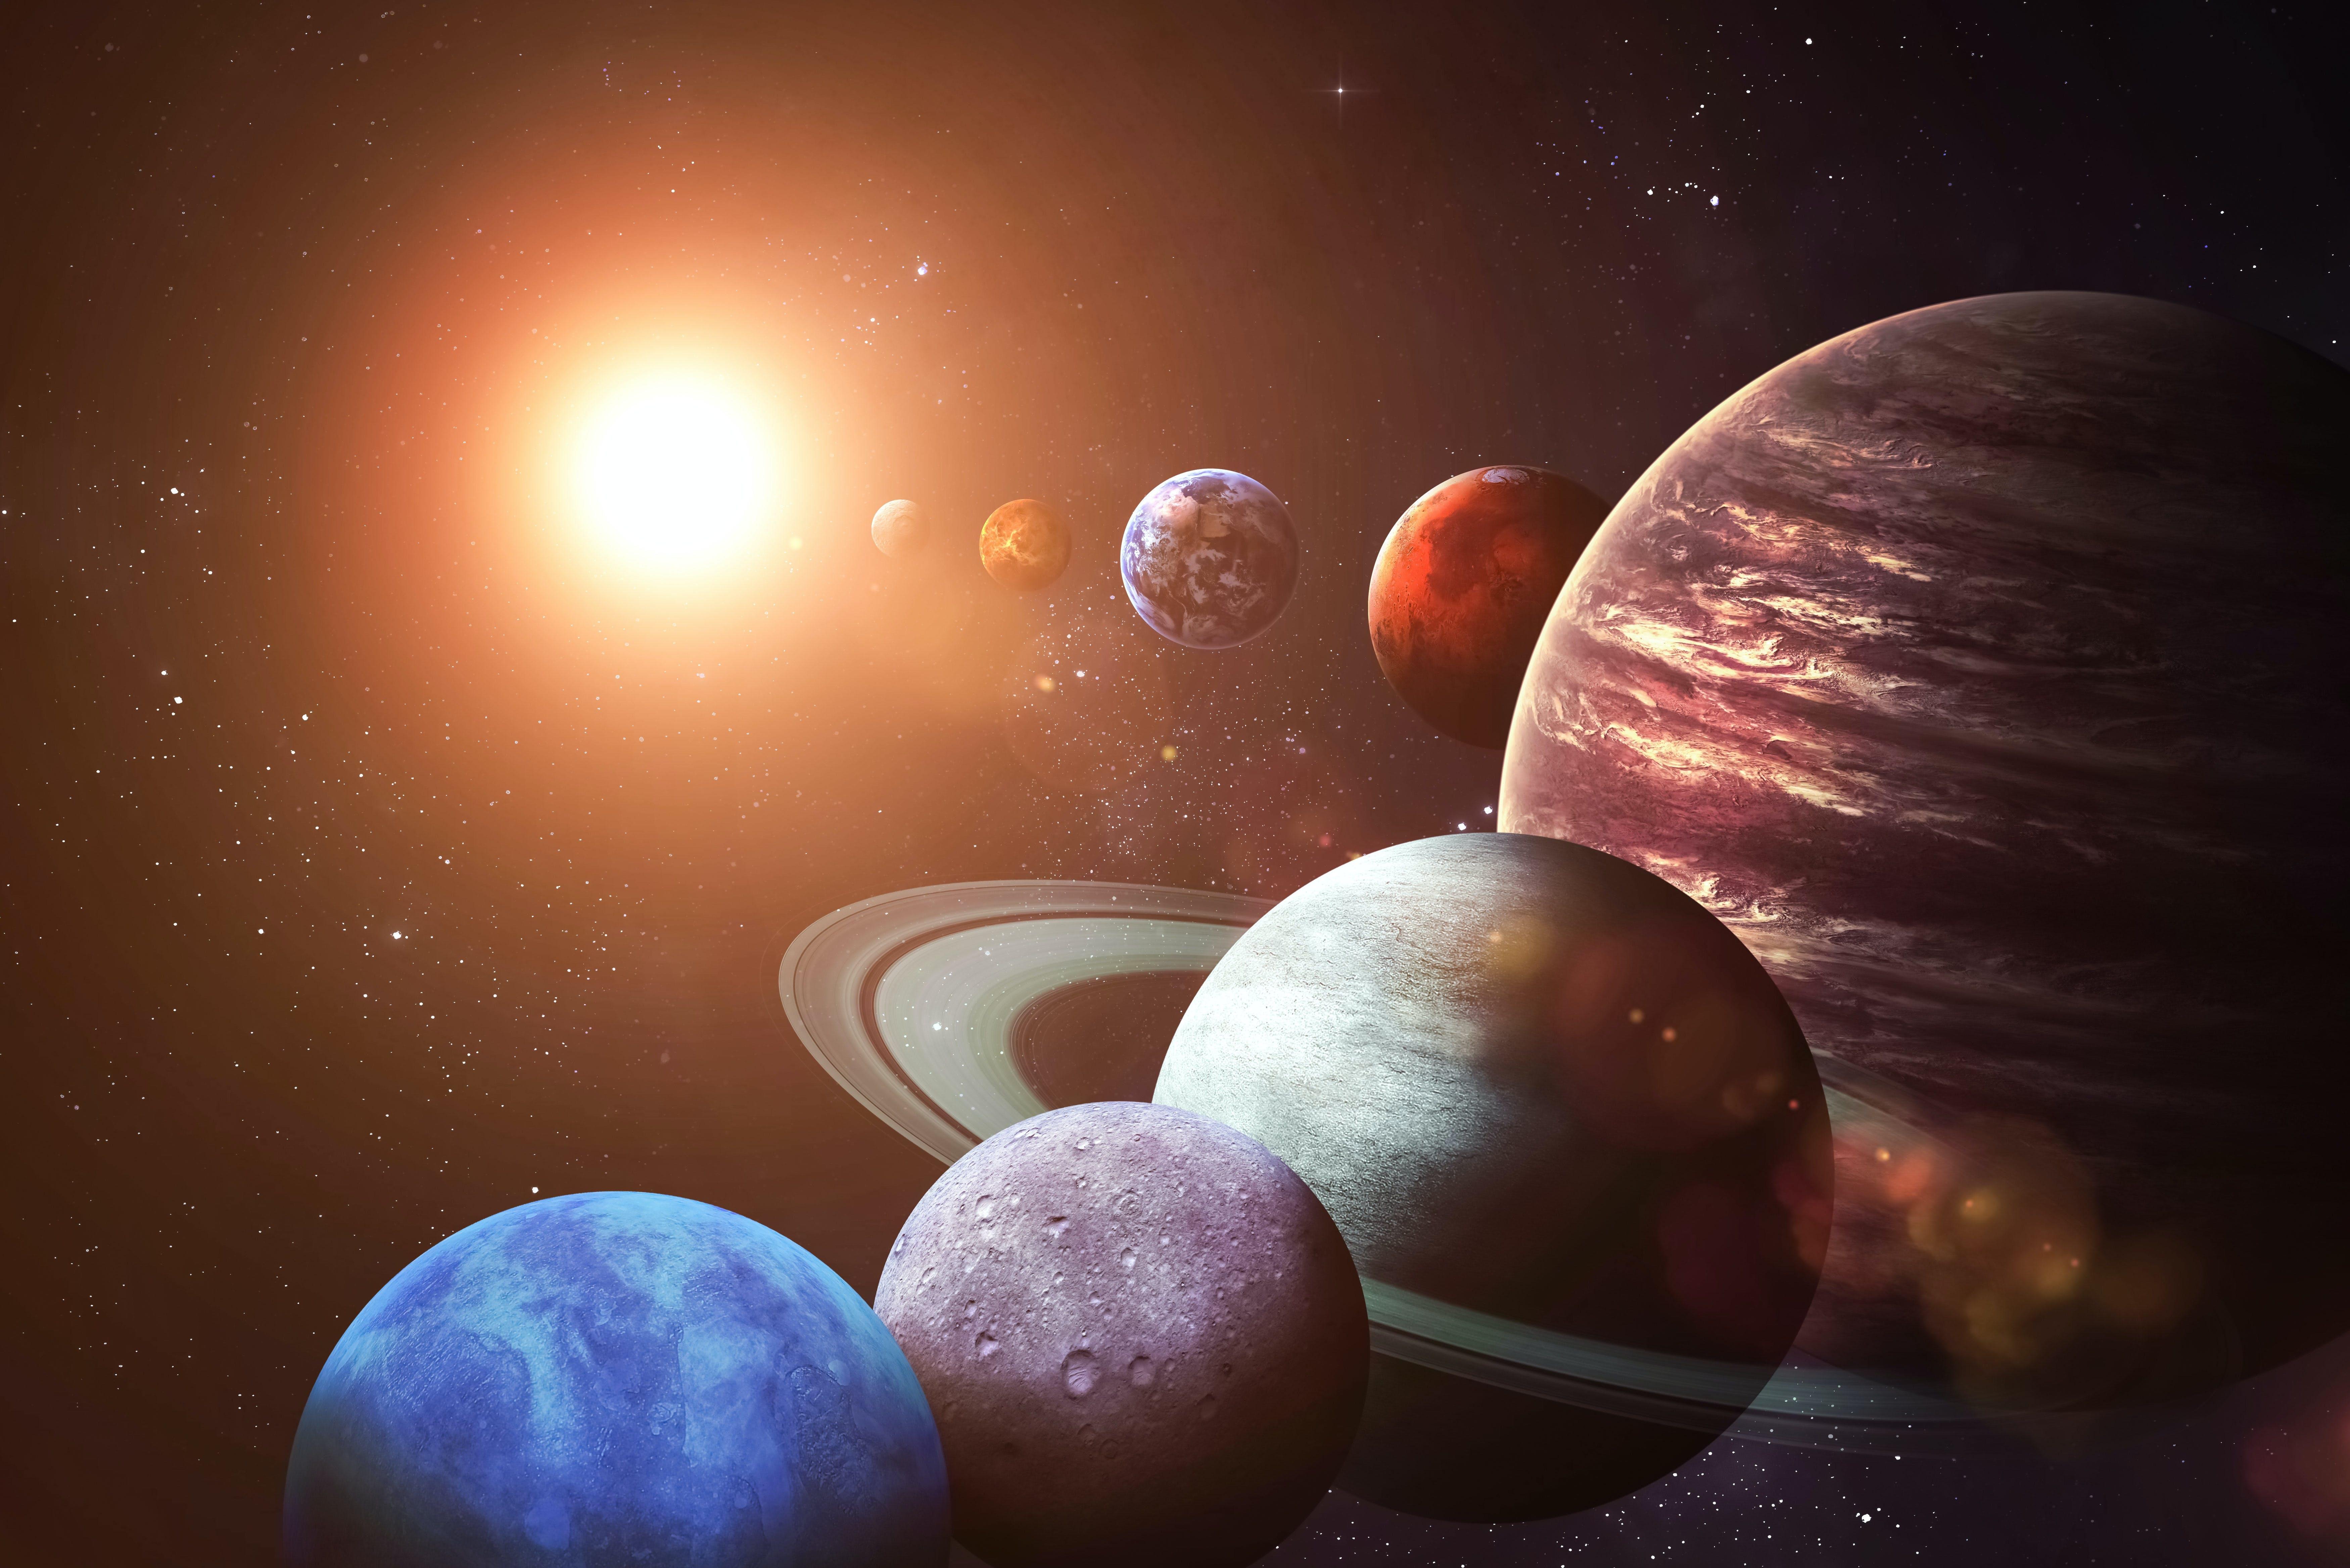 De planeten van het zonnestelsel